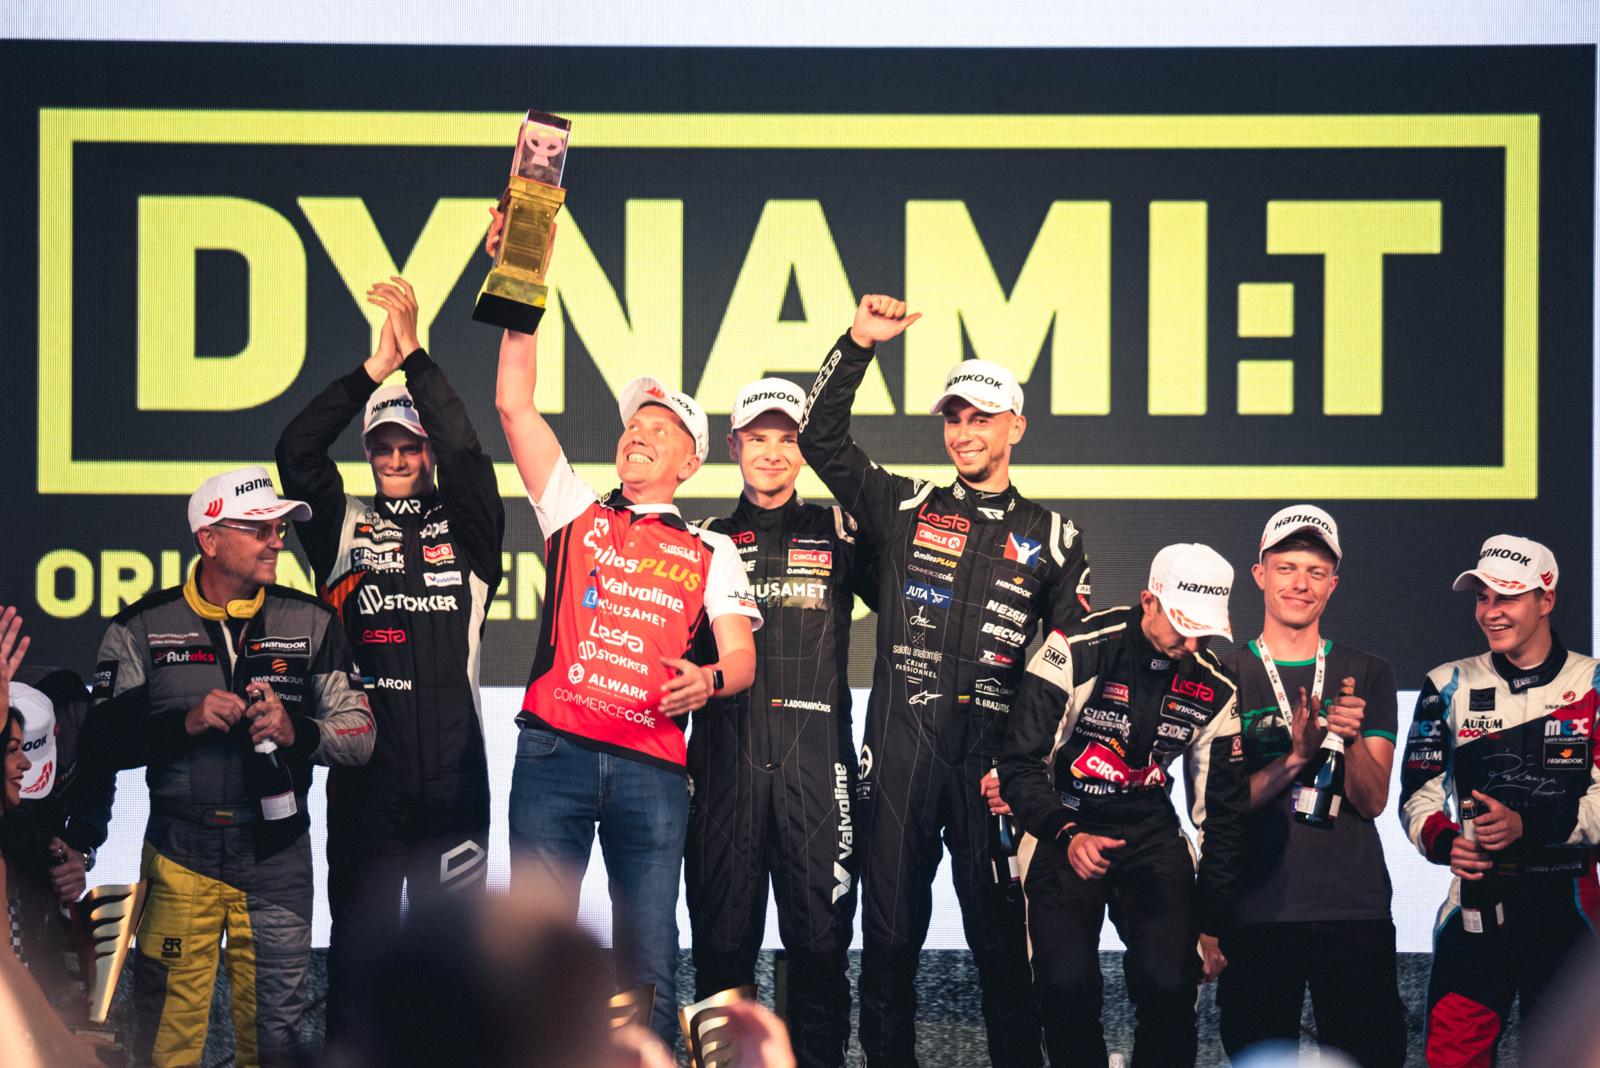 """21-osios """"Aurum 1006 km lenktynės"""" paneigė mitą : jas laimėjo ir pernai čia pergalę šventusi komanda"""